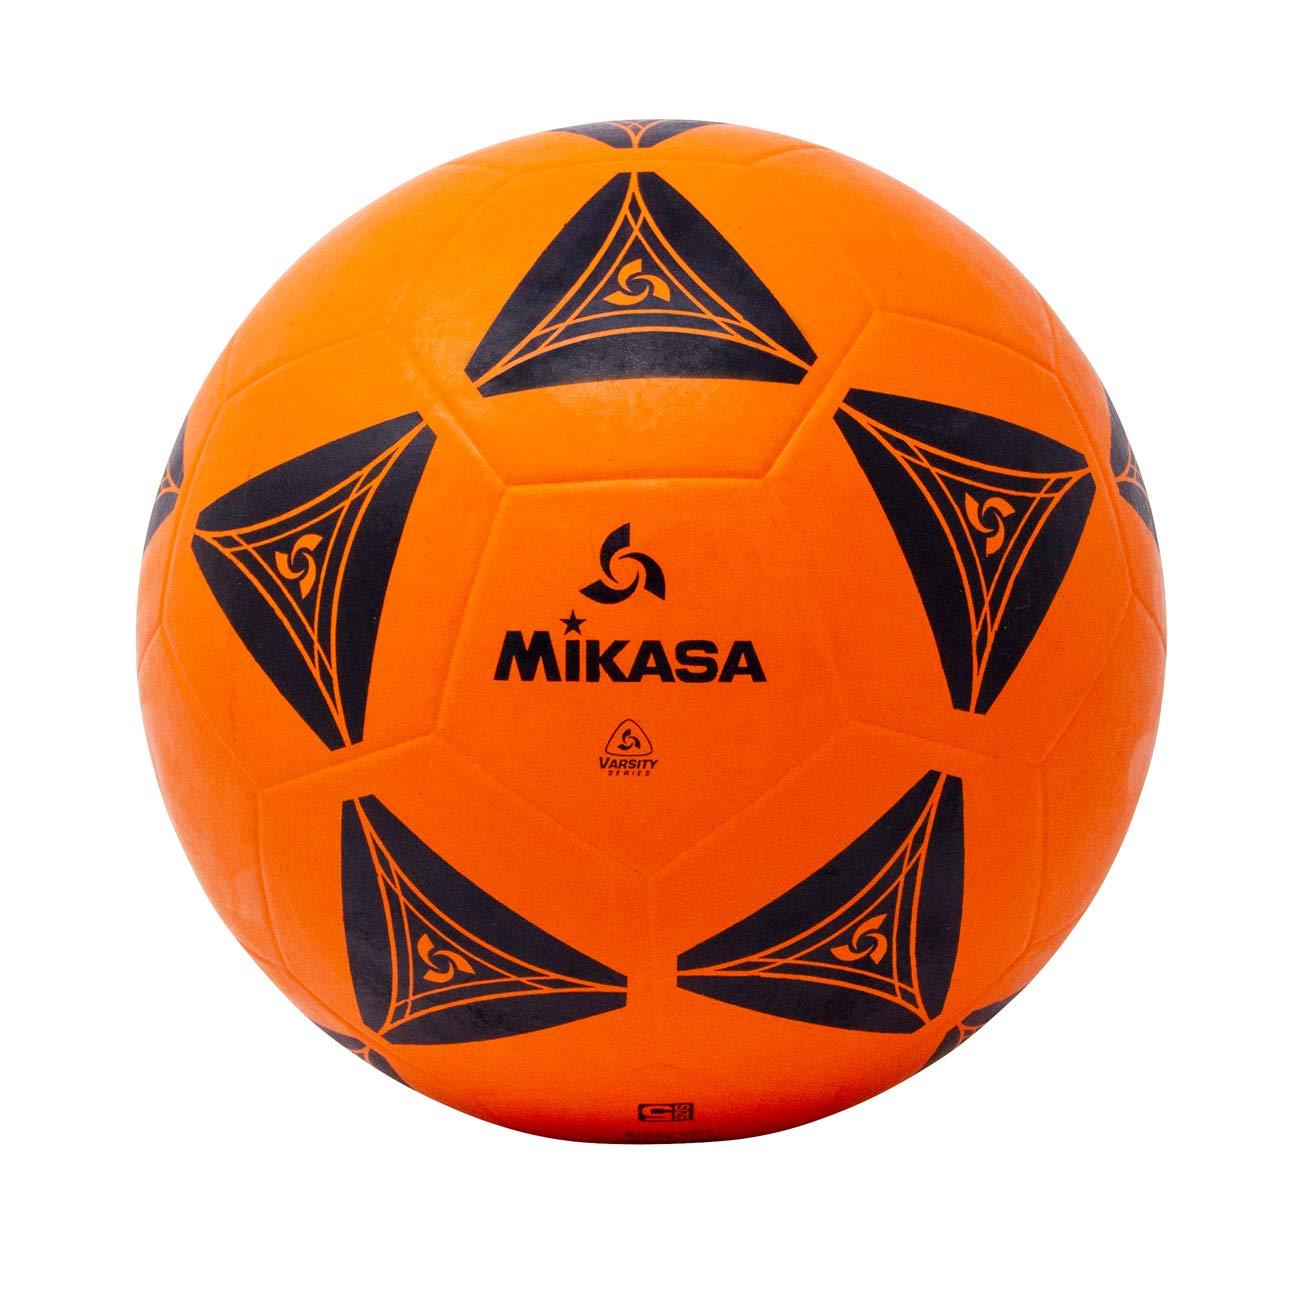 Mikasa S3030 - Balón de fútbol (Goma): Amazon.es: Deportes y aire ...